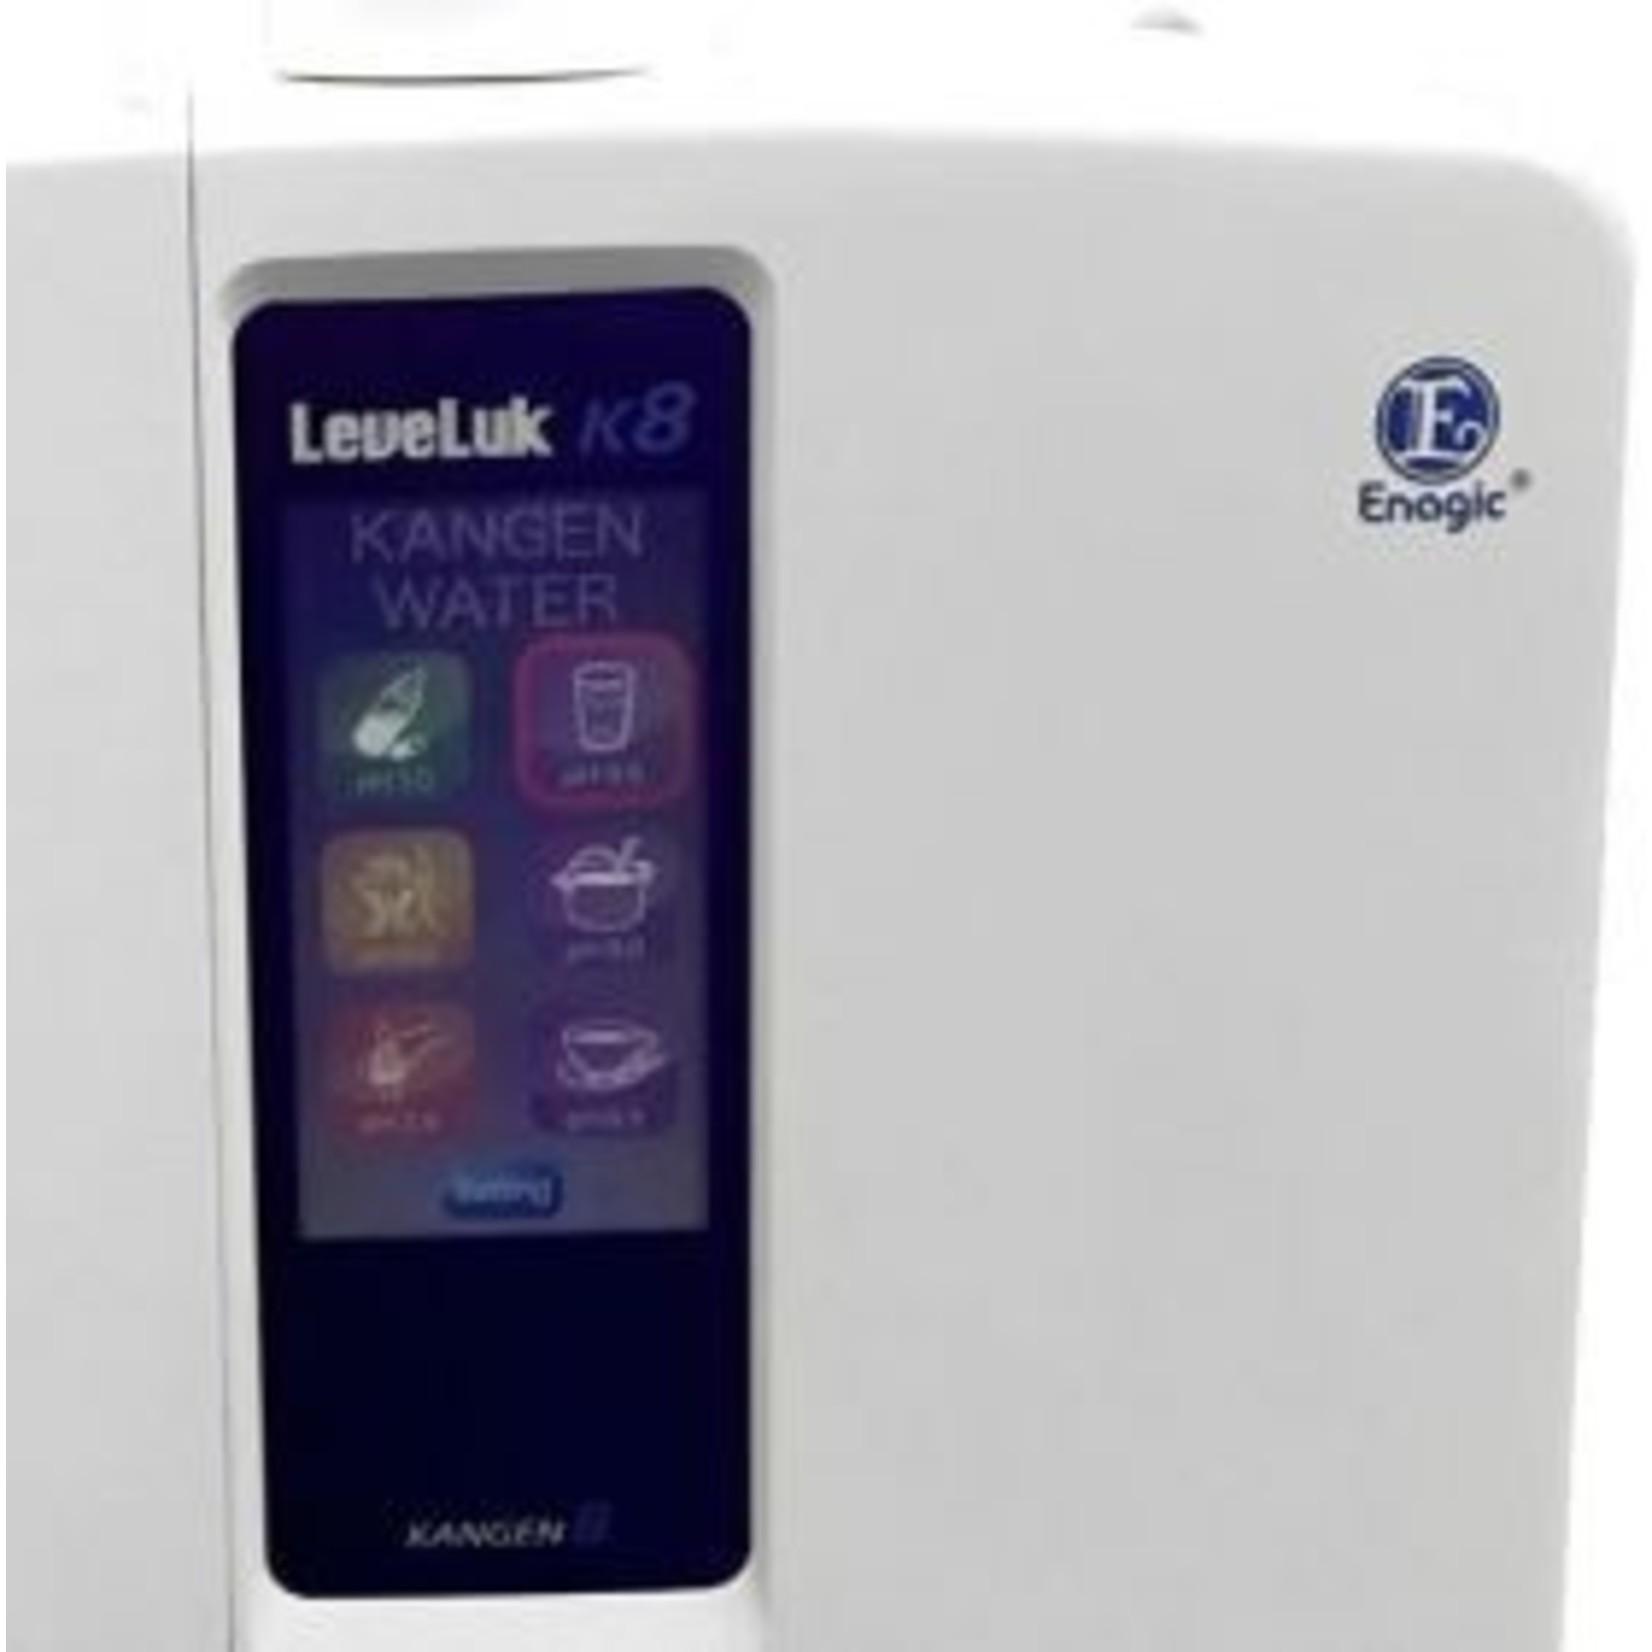 Kangen K8 Kangen Water Machine